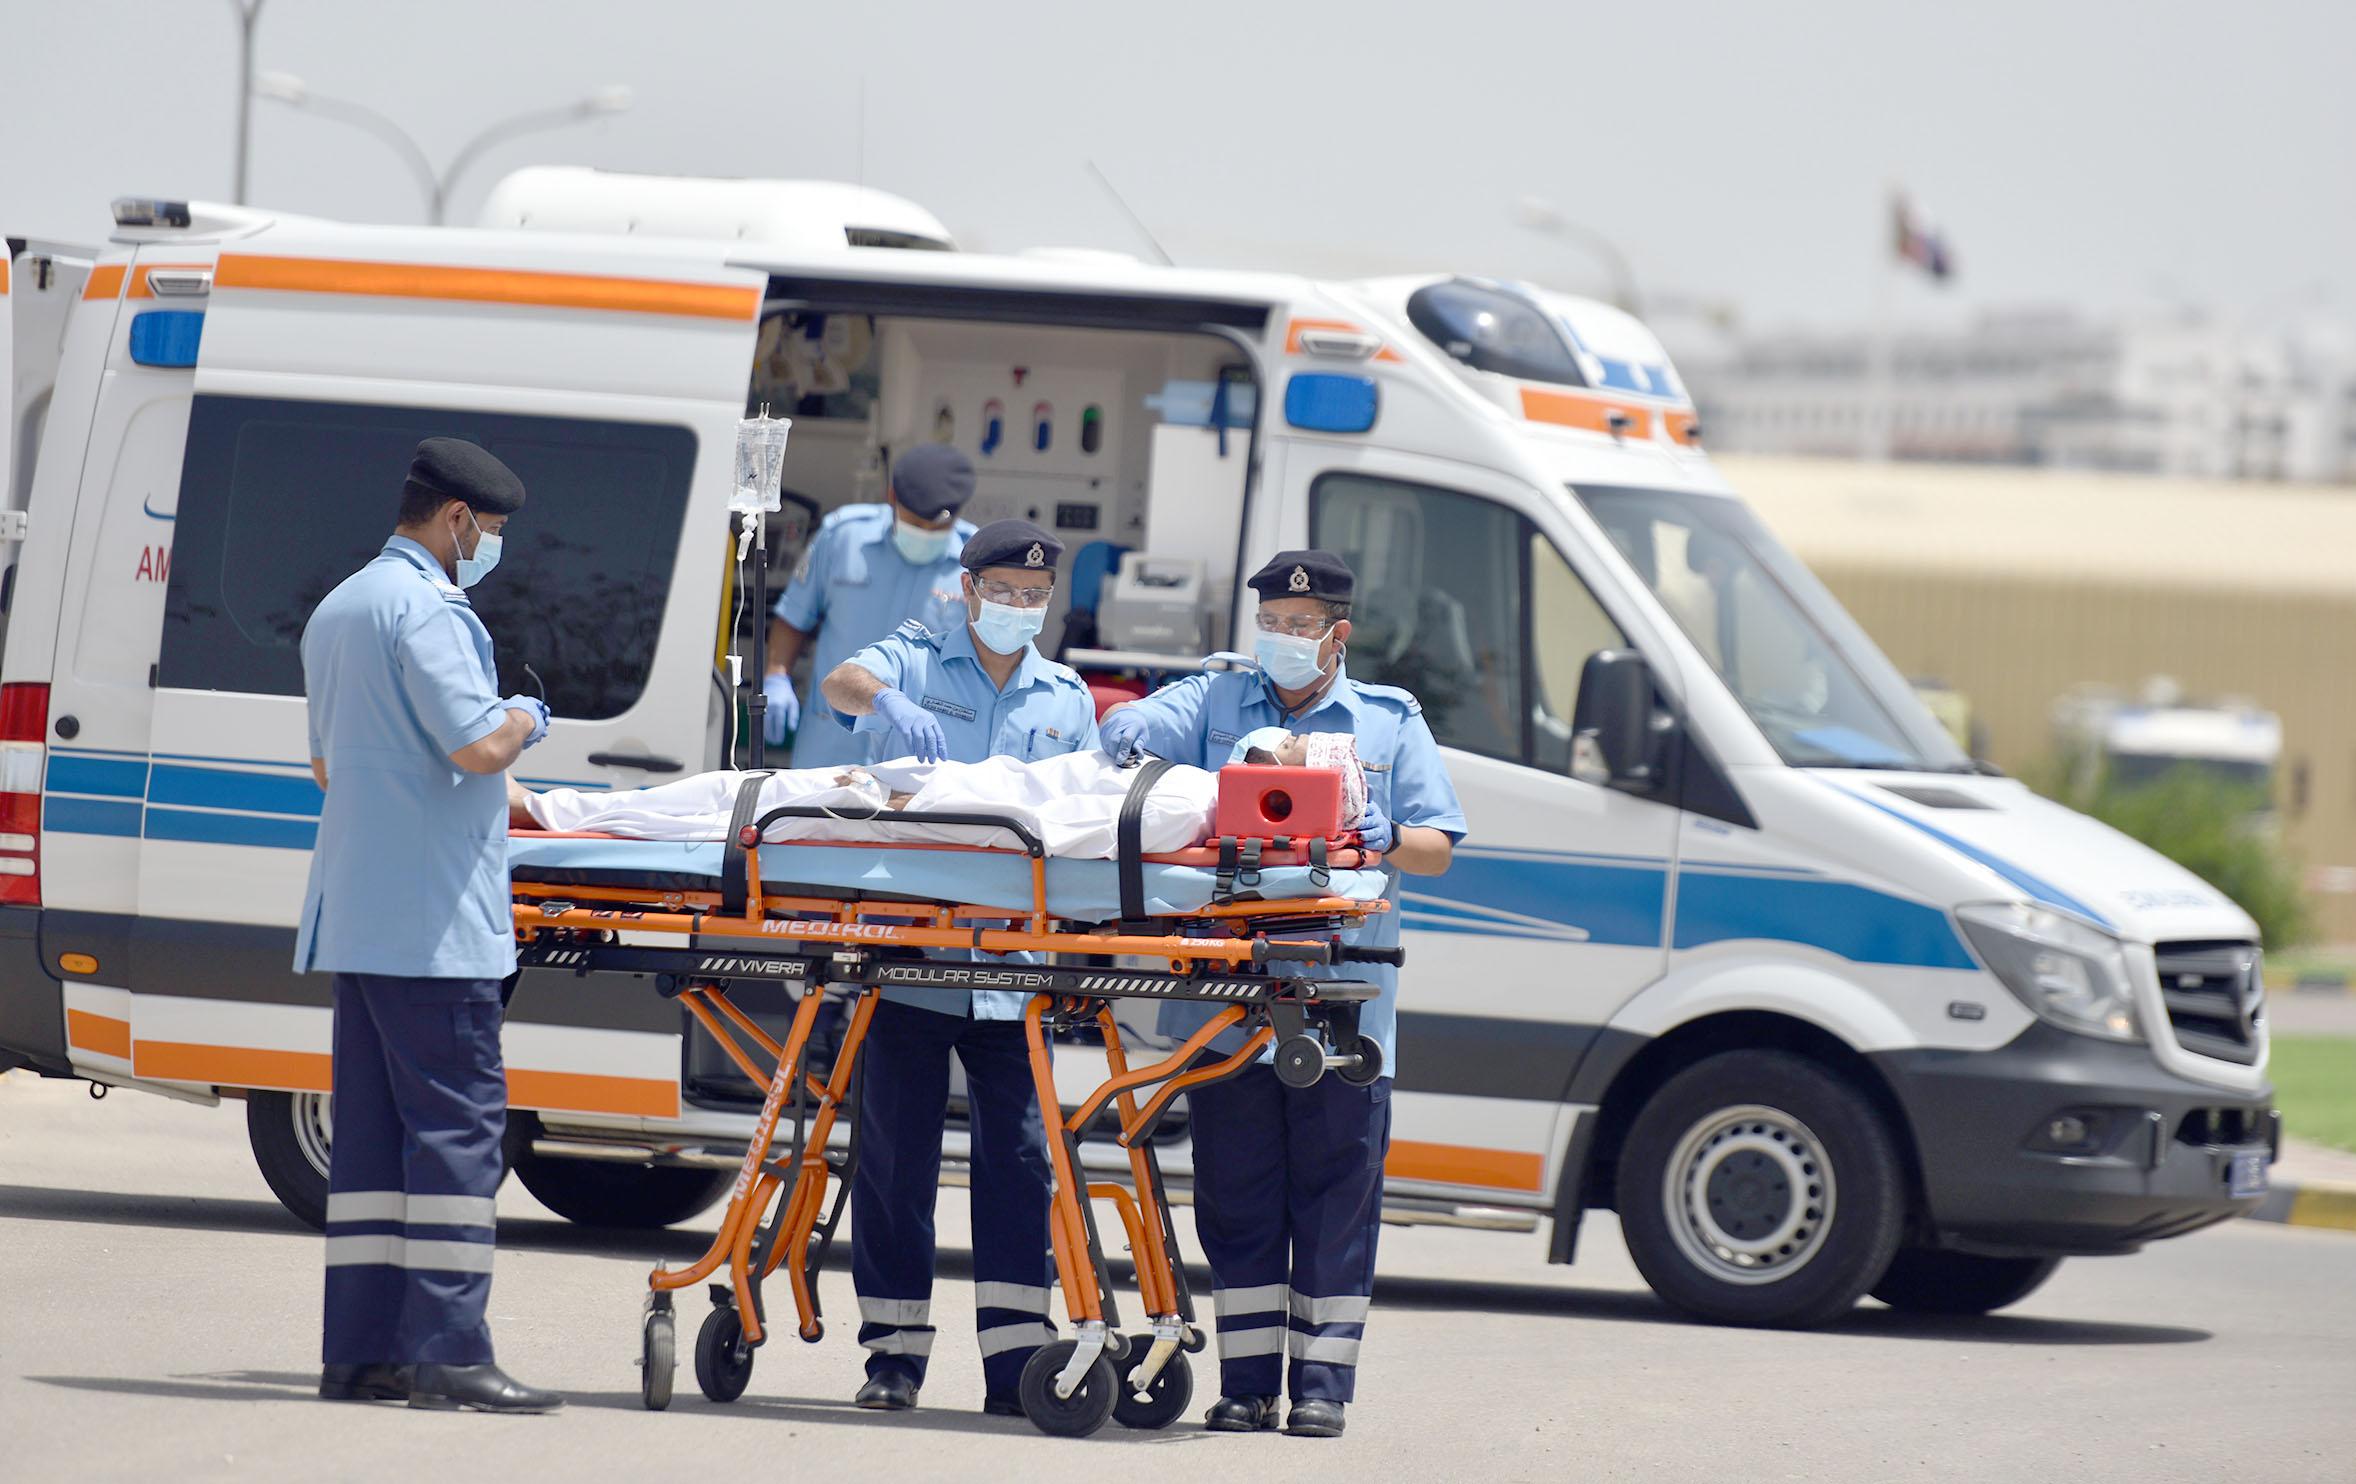 الدفاع المدني والإسعاف تساند قطاع الإستجابة الطبية